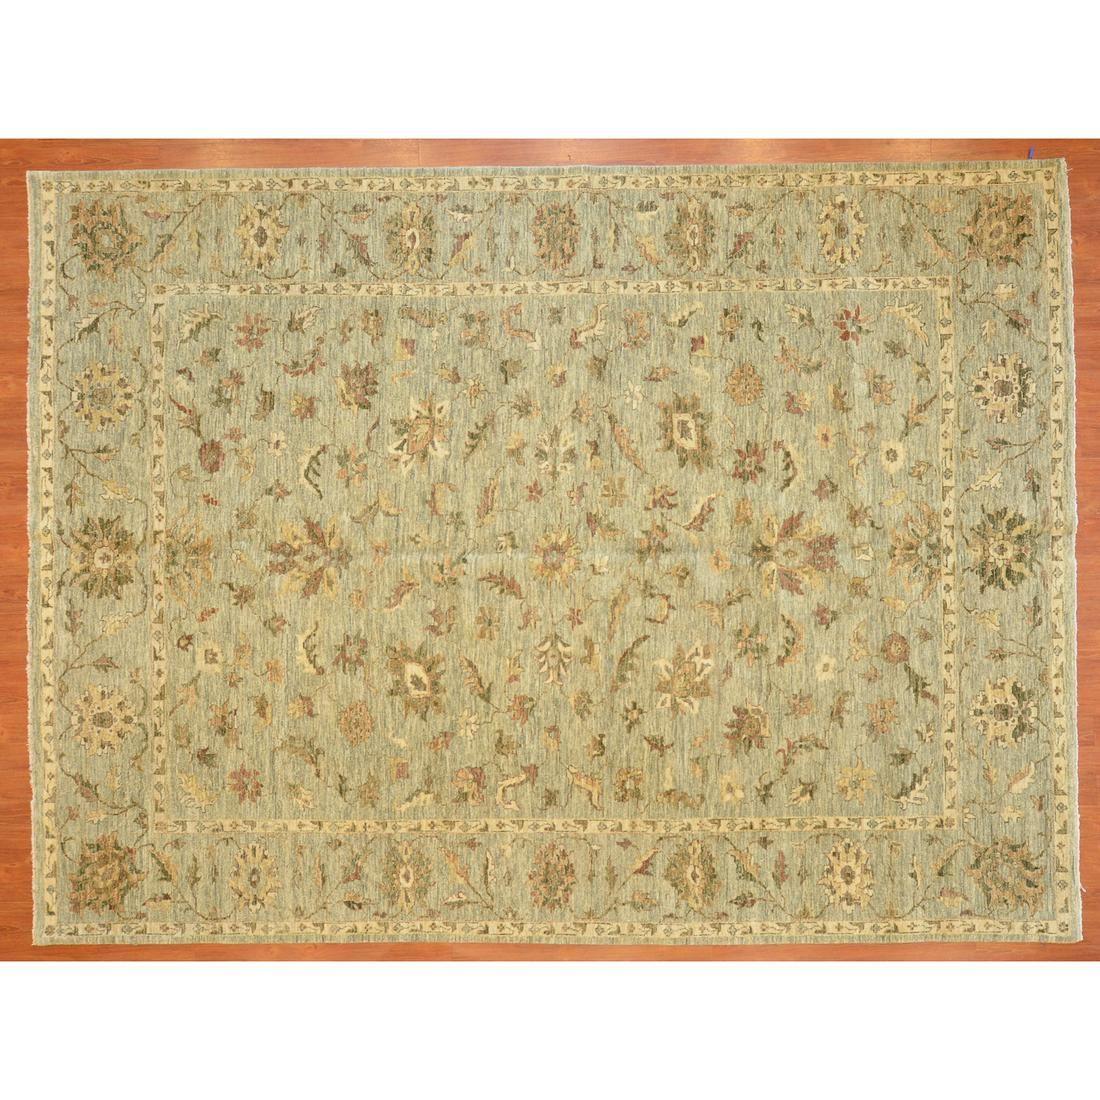 Samad Oushak Design Carpet, India, 9.3 x 12.2